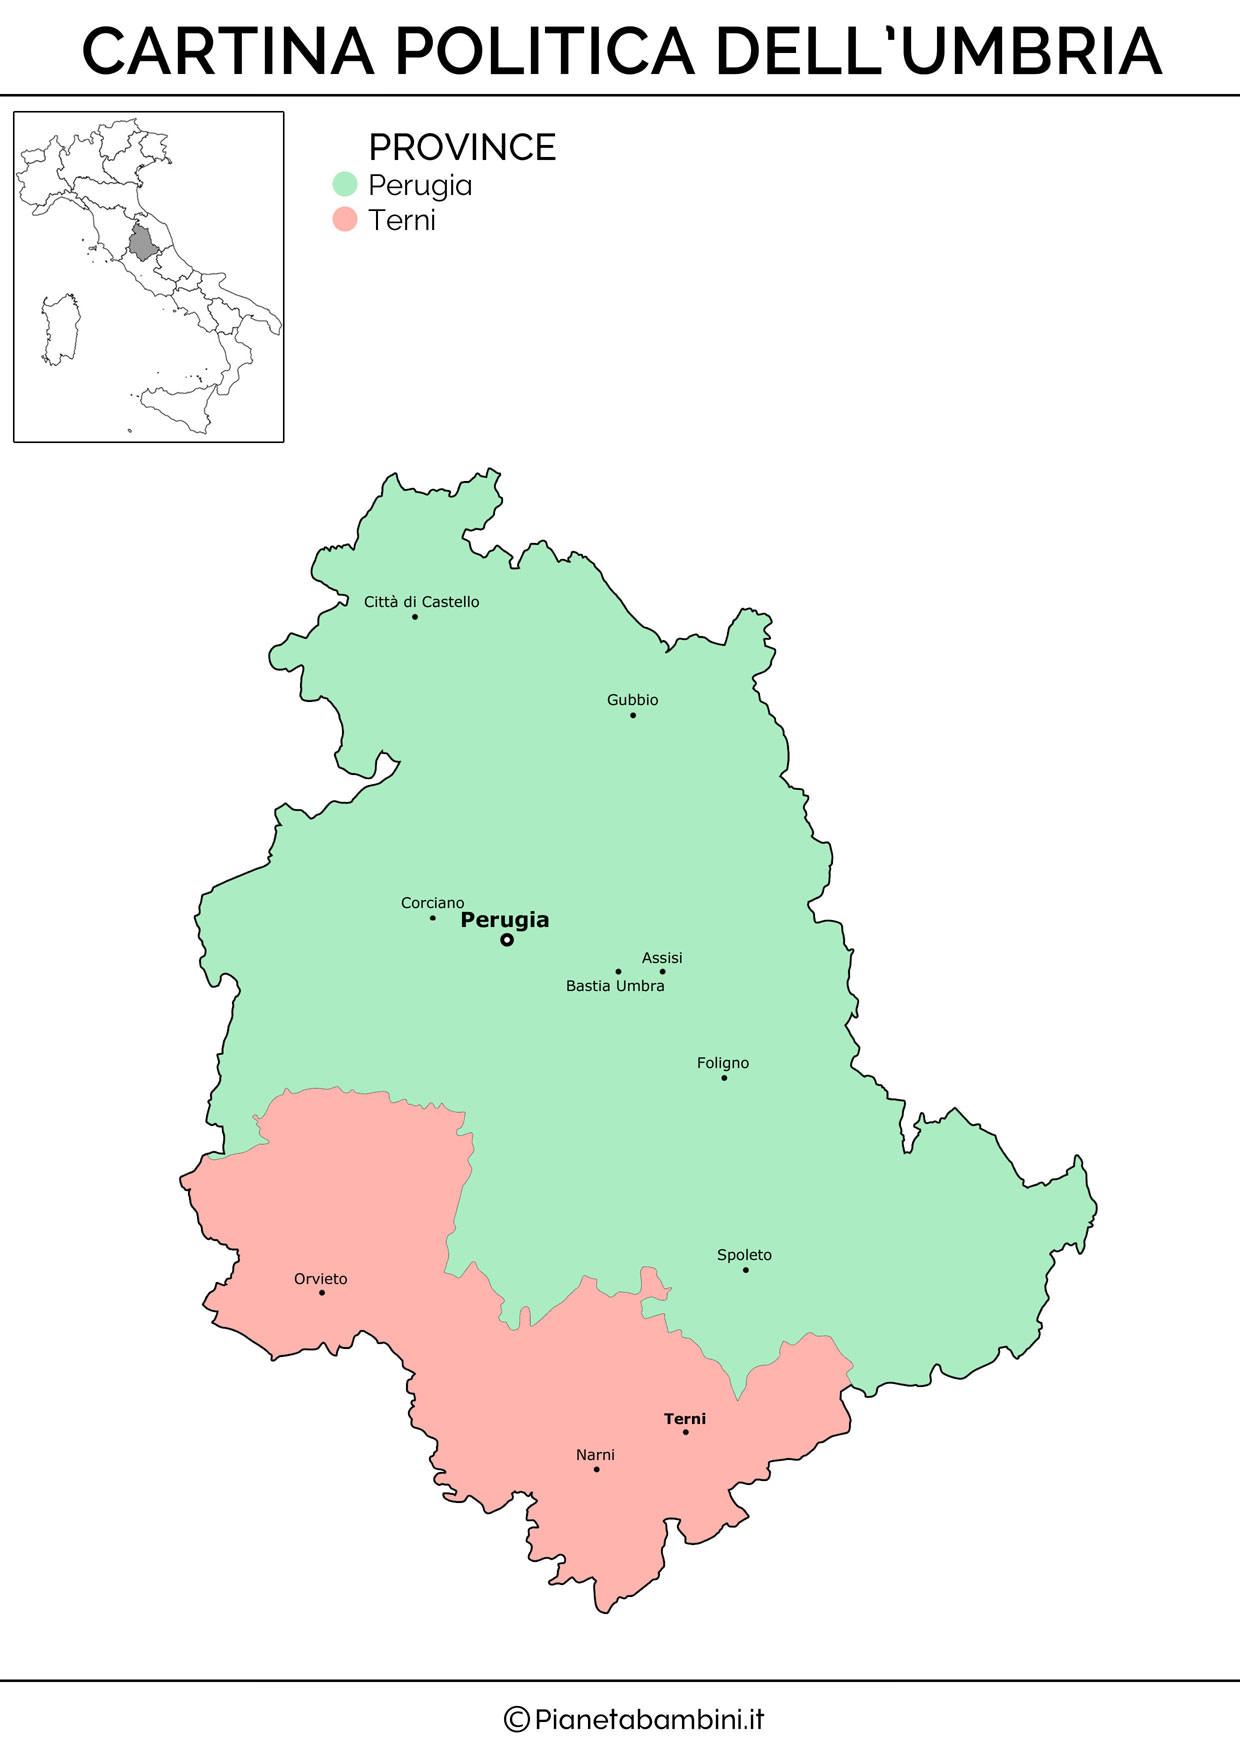 Cartina dell'Umbria in versione politica da stampare gratis